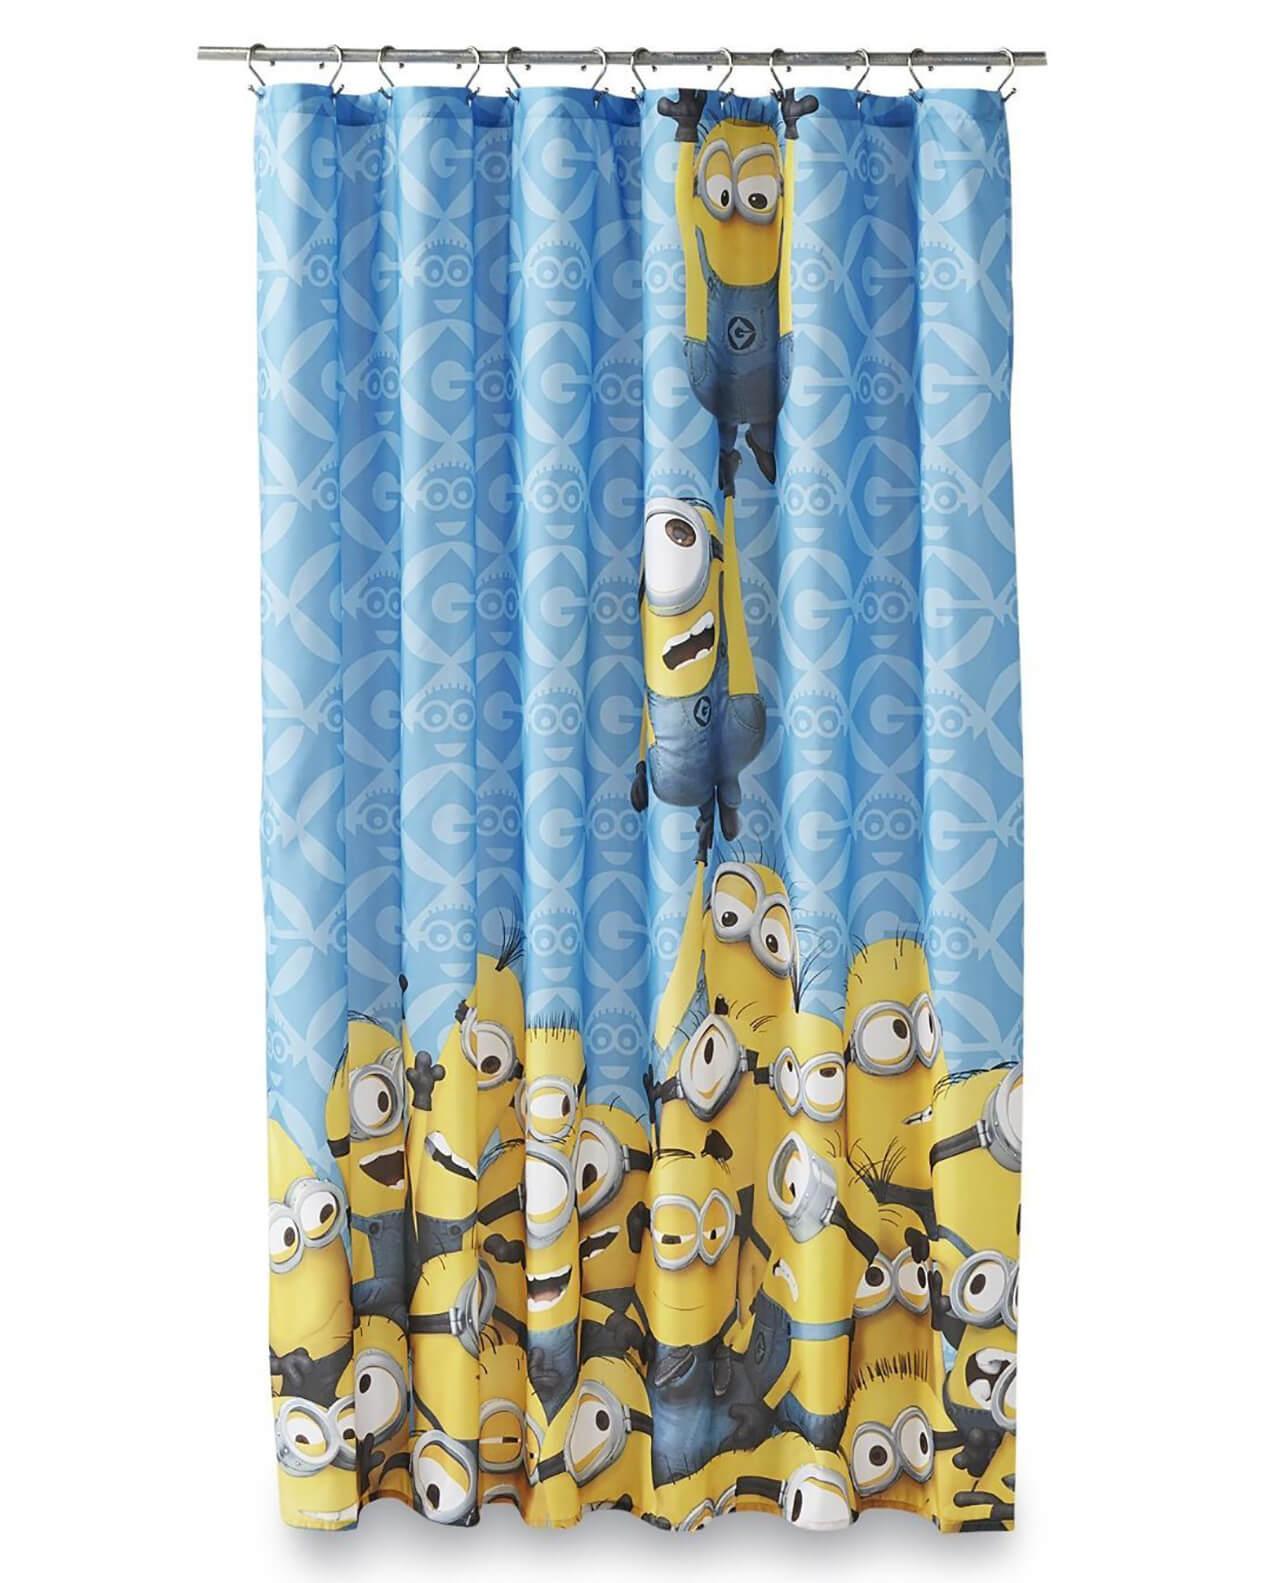 Minion Mischief Shower Curtain